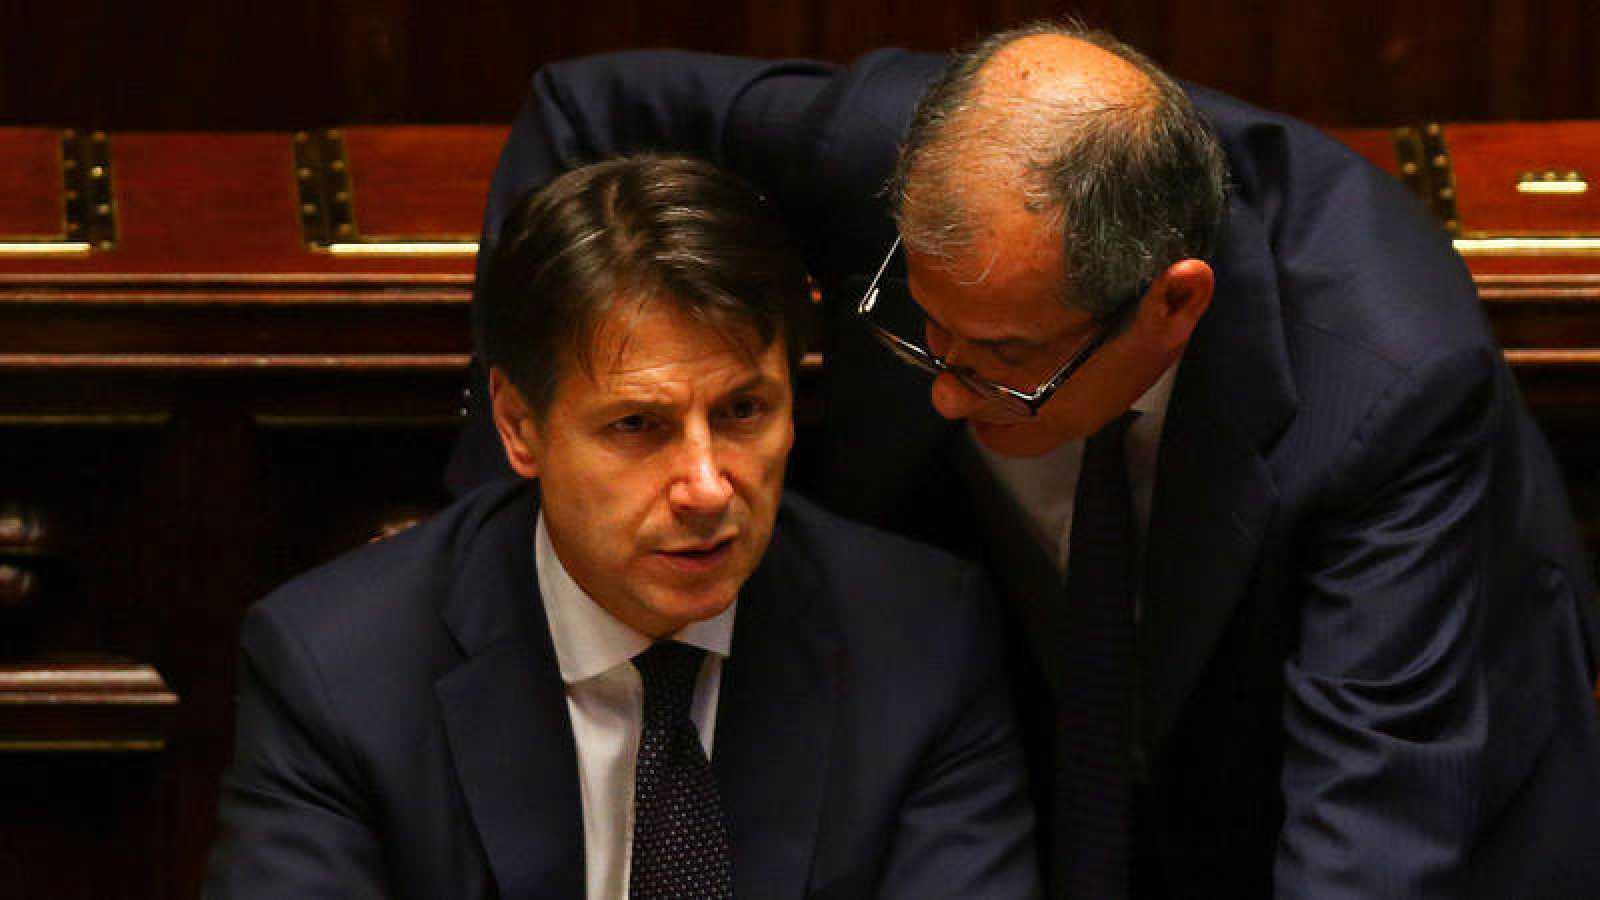 El primer ministro italiano, Giuseppe Conte, conversa con su ministro de Economía, Giovanni Tria